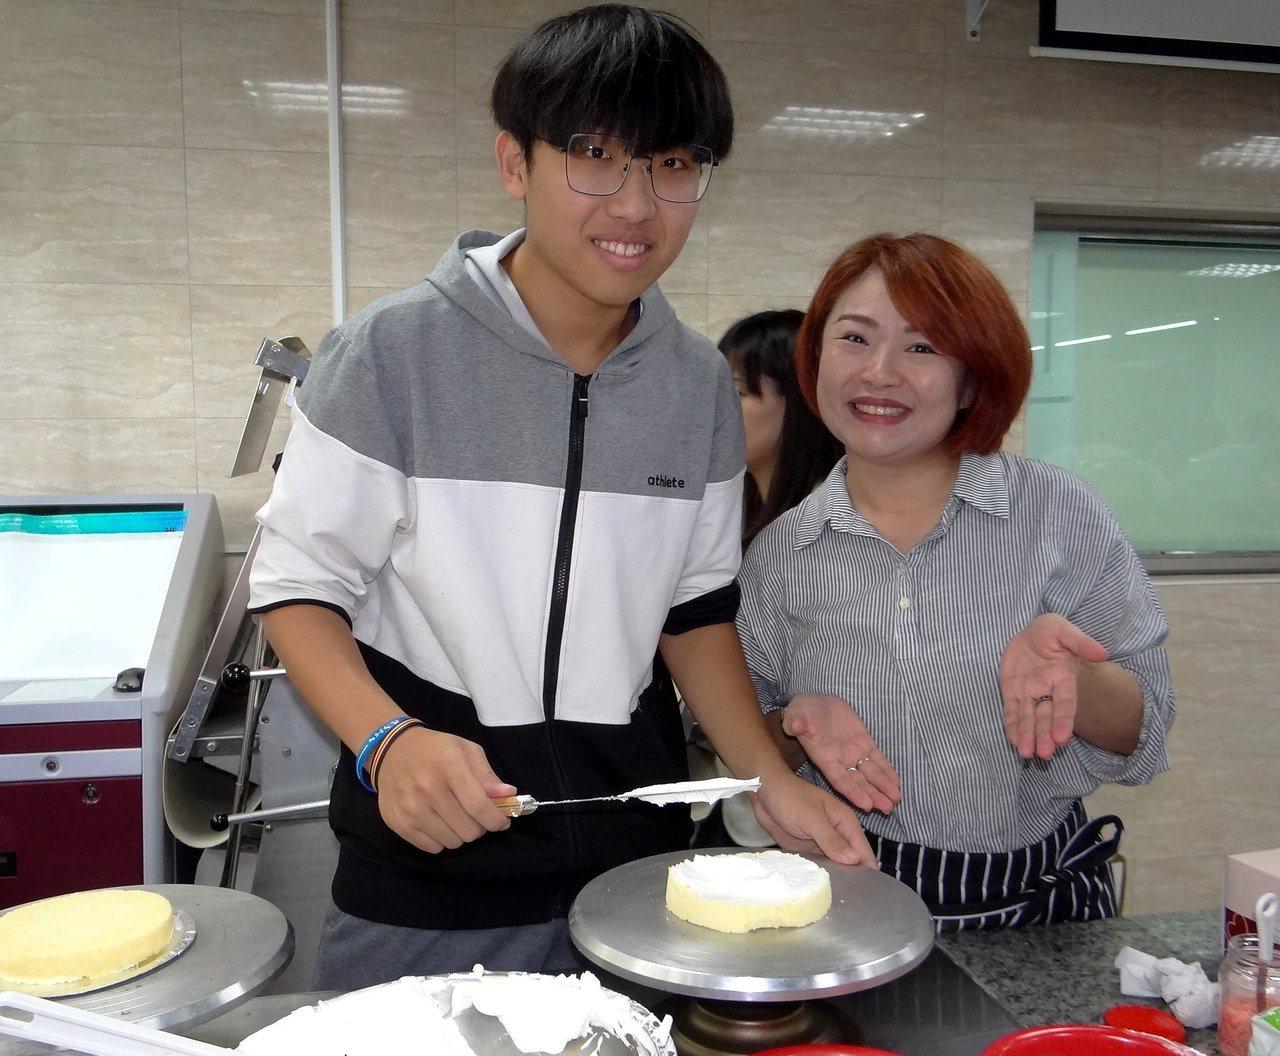 陳心儀(右)一周須洗腎三次,不放棄求學,身旁兒子陪伴她製作蛋糕。記者徐白櫻/攝影